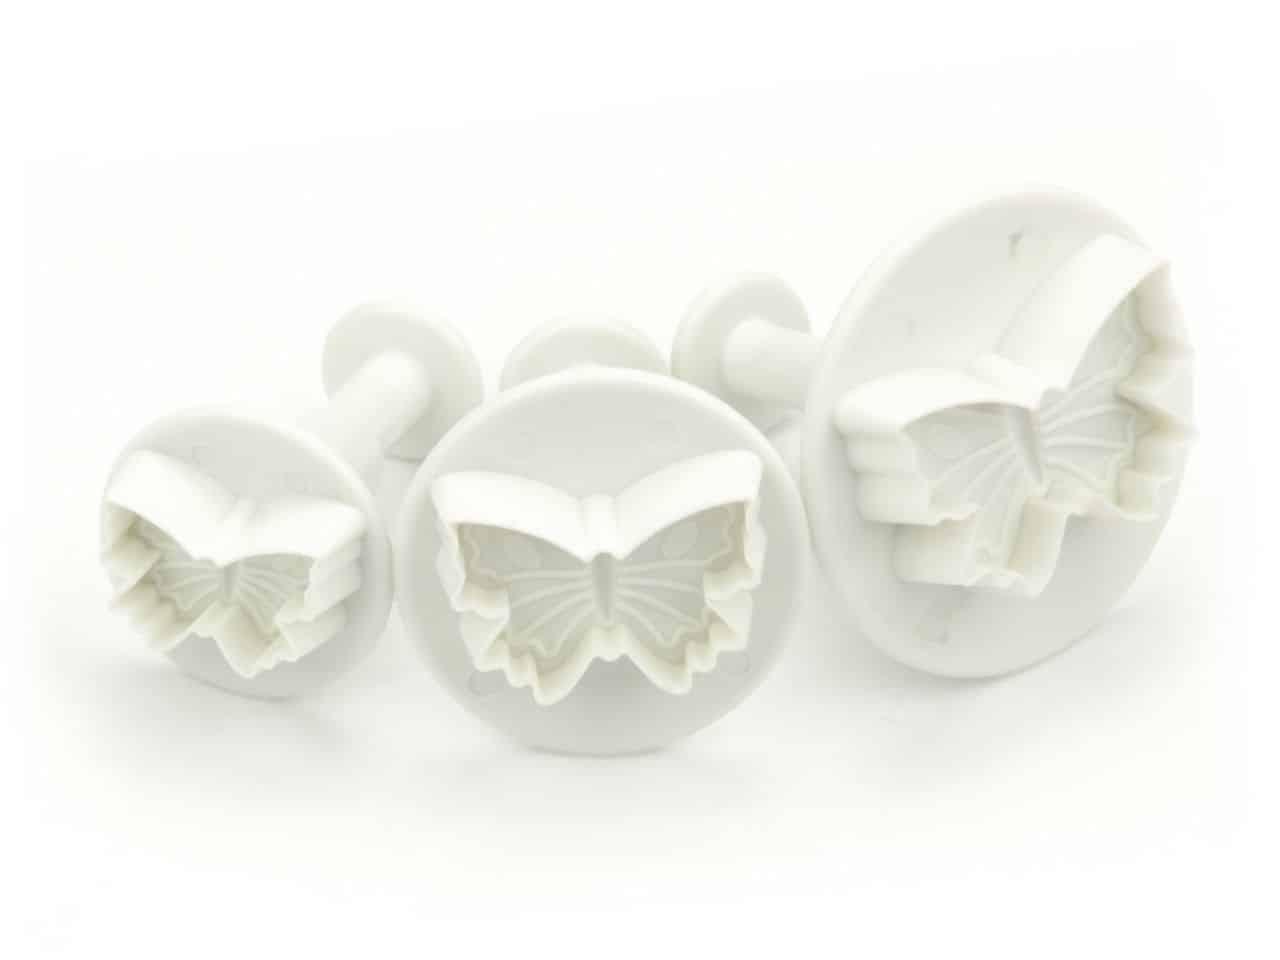 Ausstecher + Stempel Schmetterling 3er V01